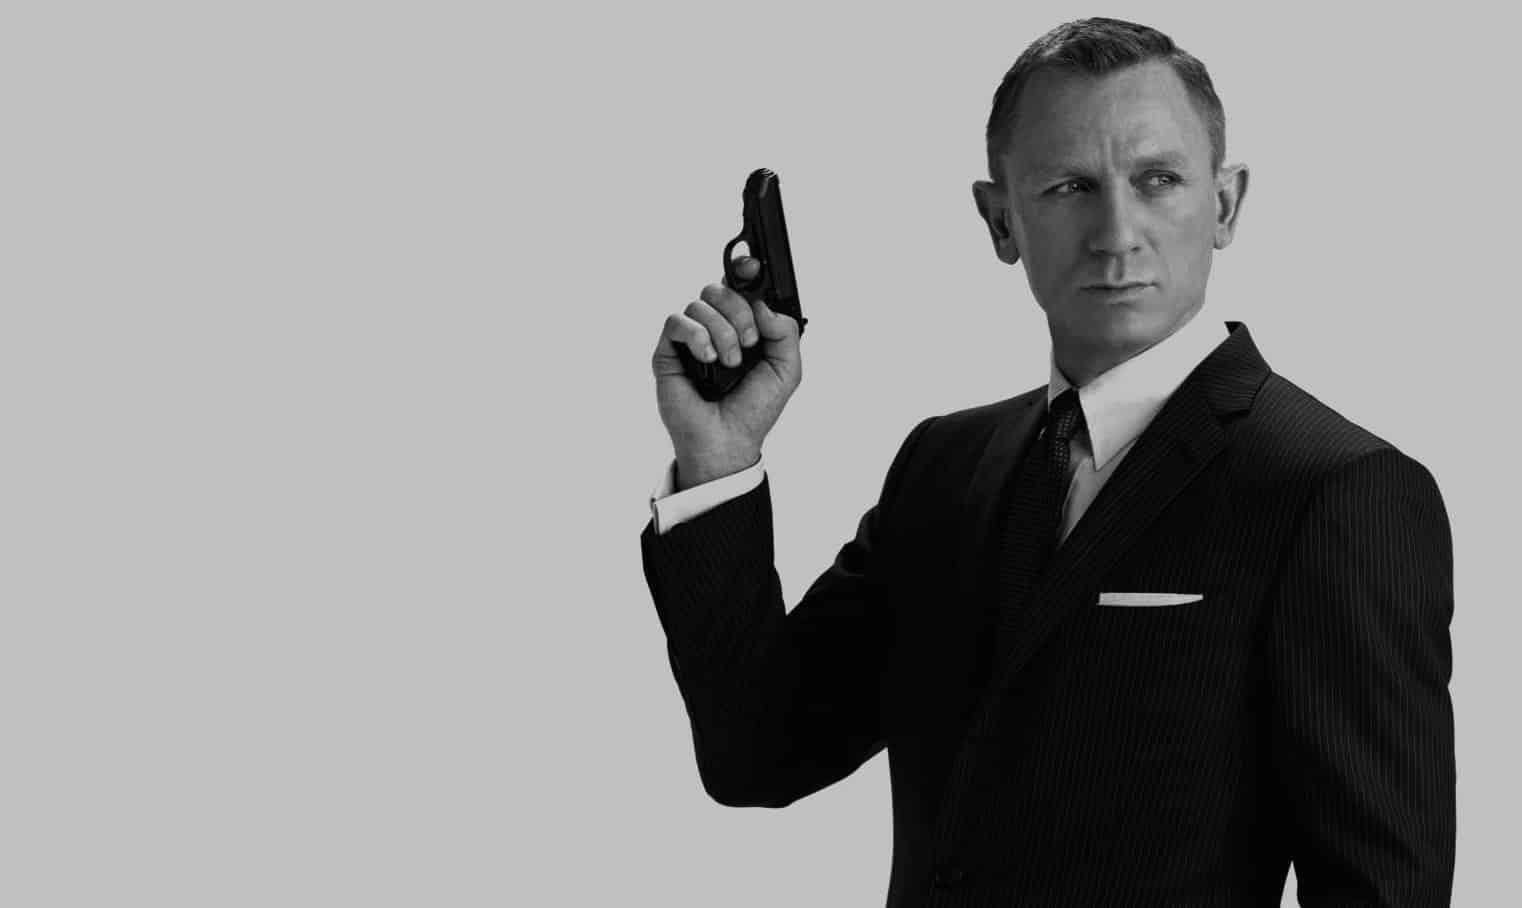 È stato svelato il titolo ufficiale di Bond 25?